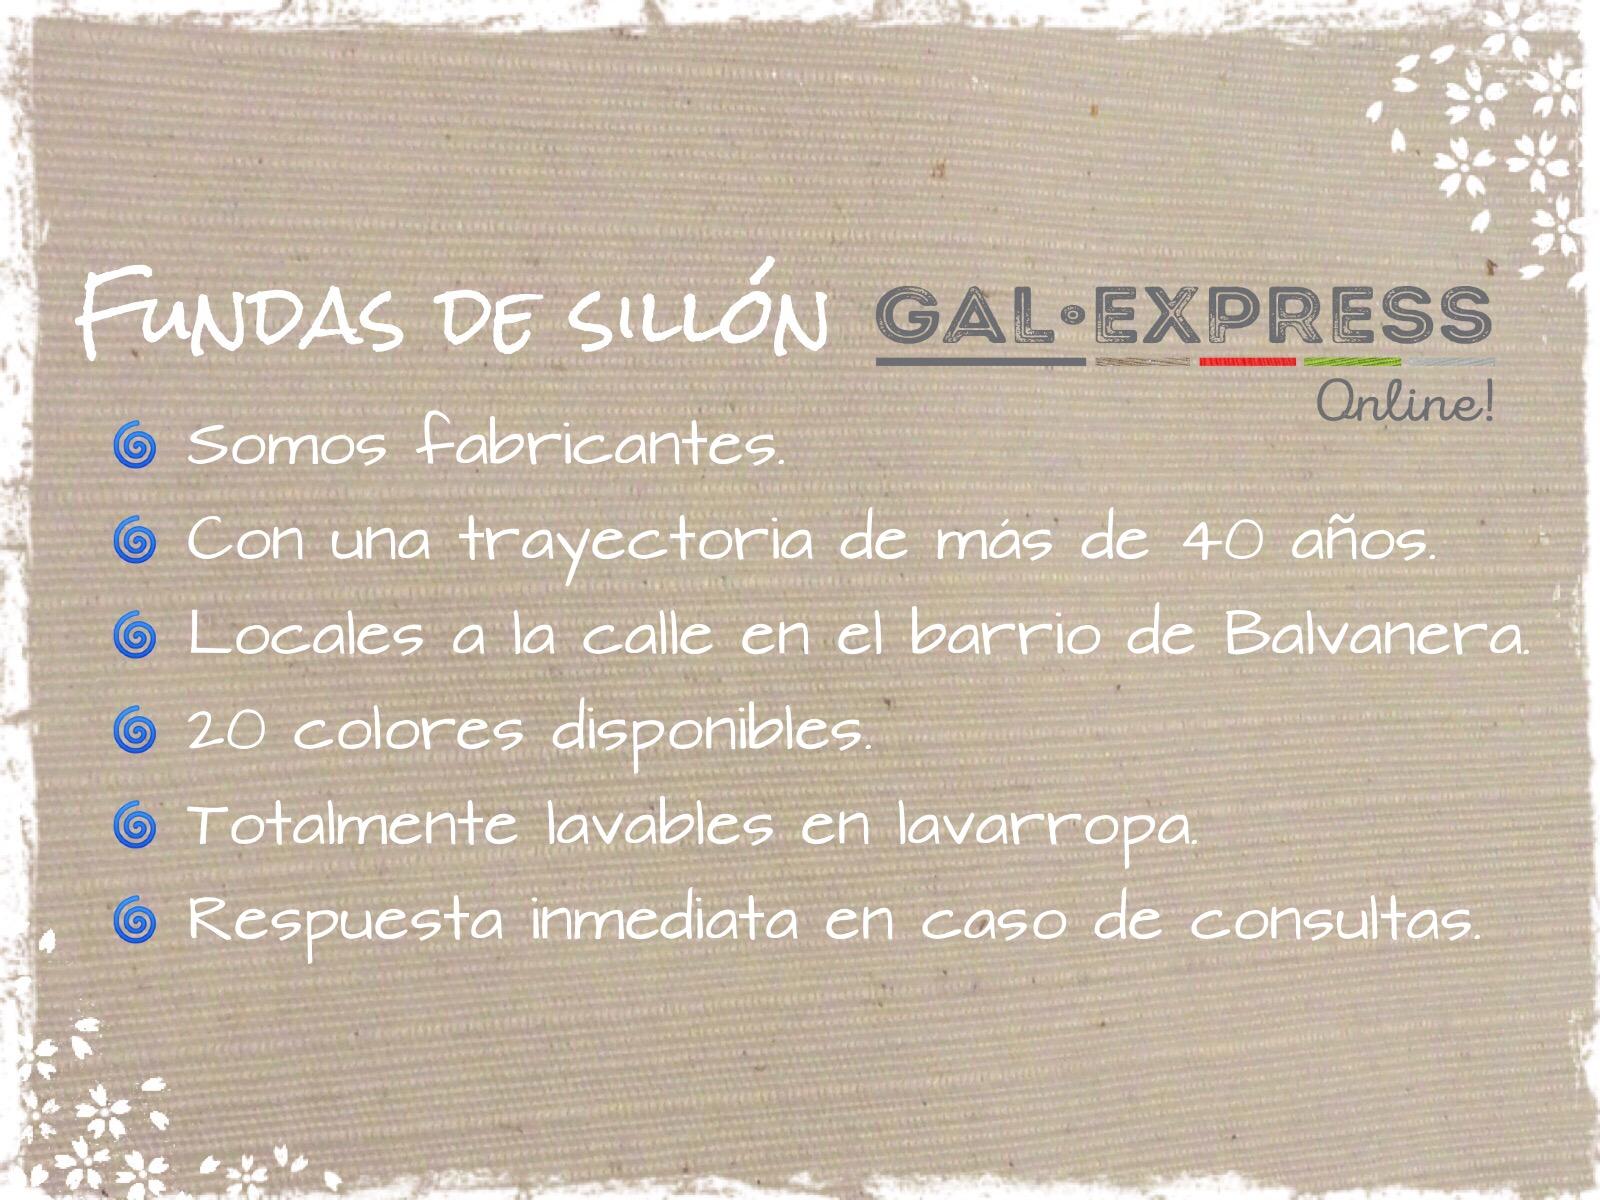 Fundas de Sillón: Datos generales